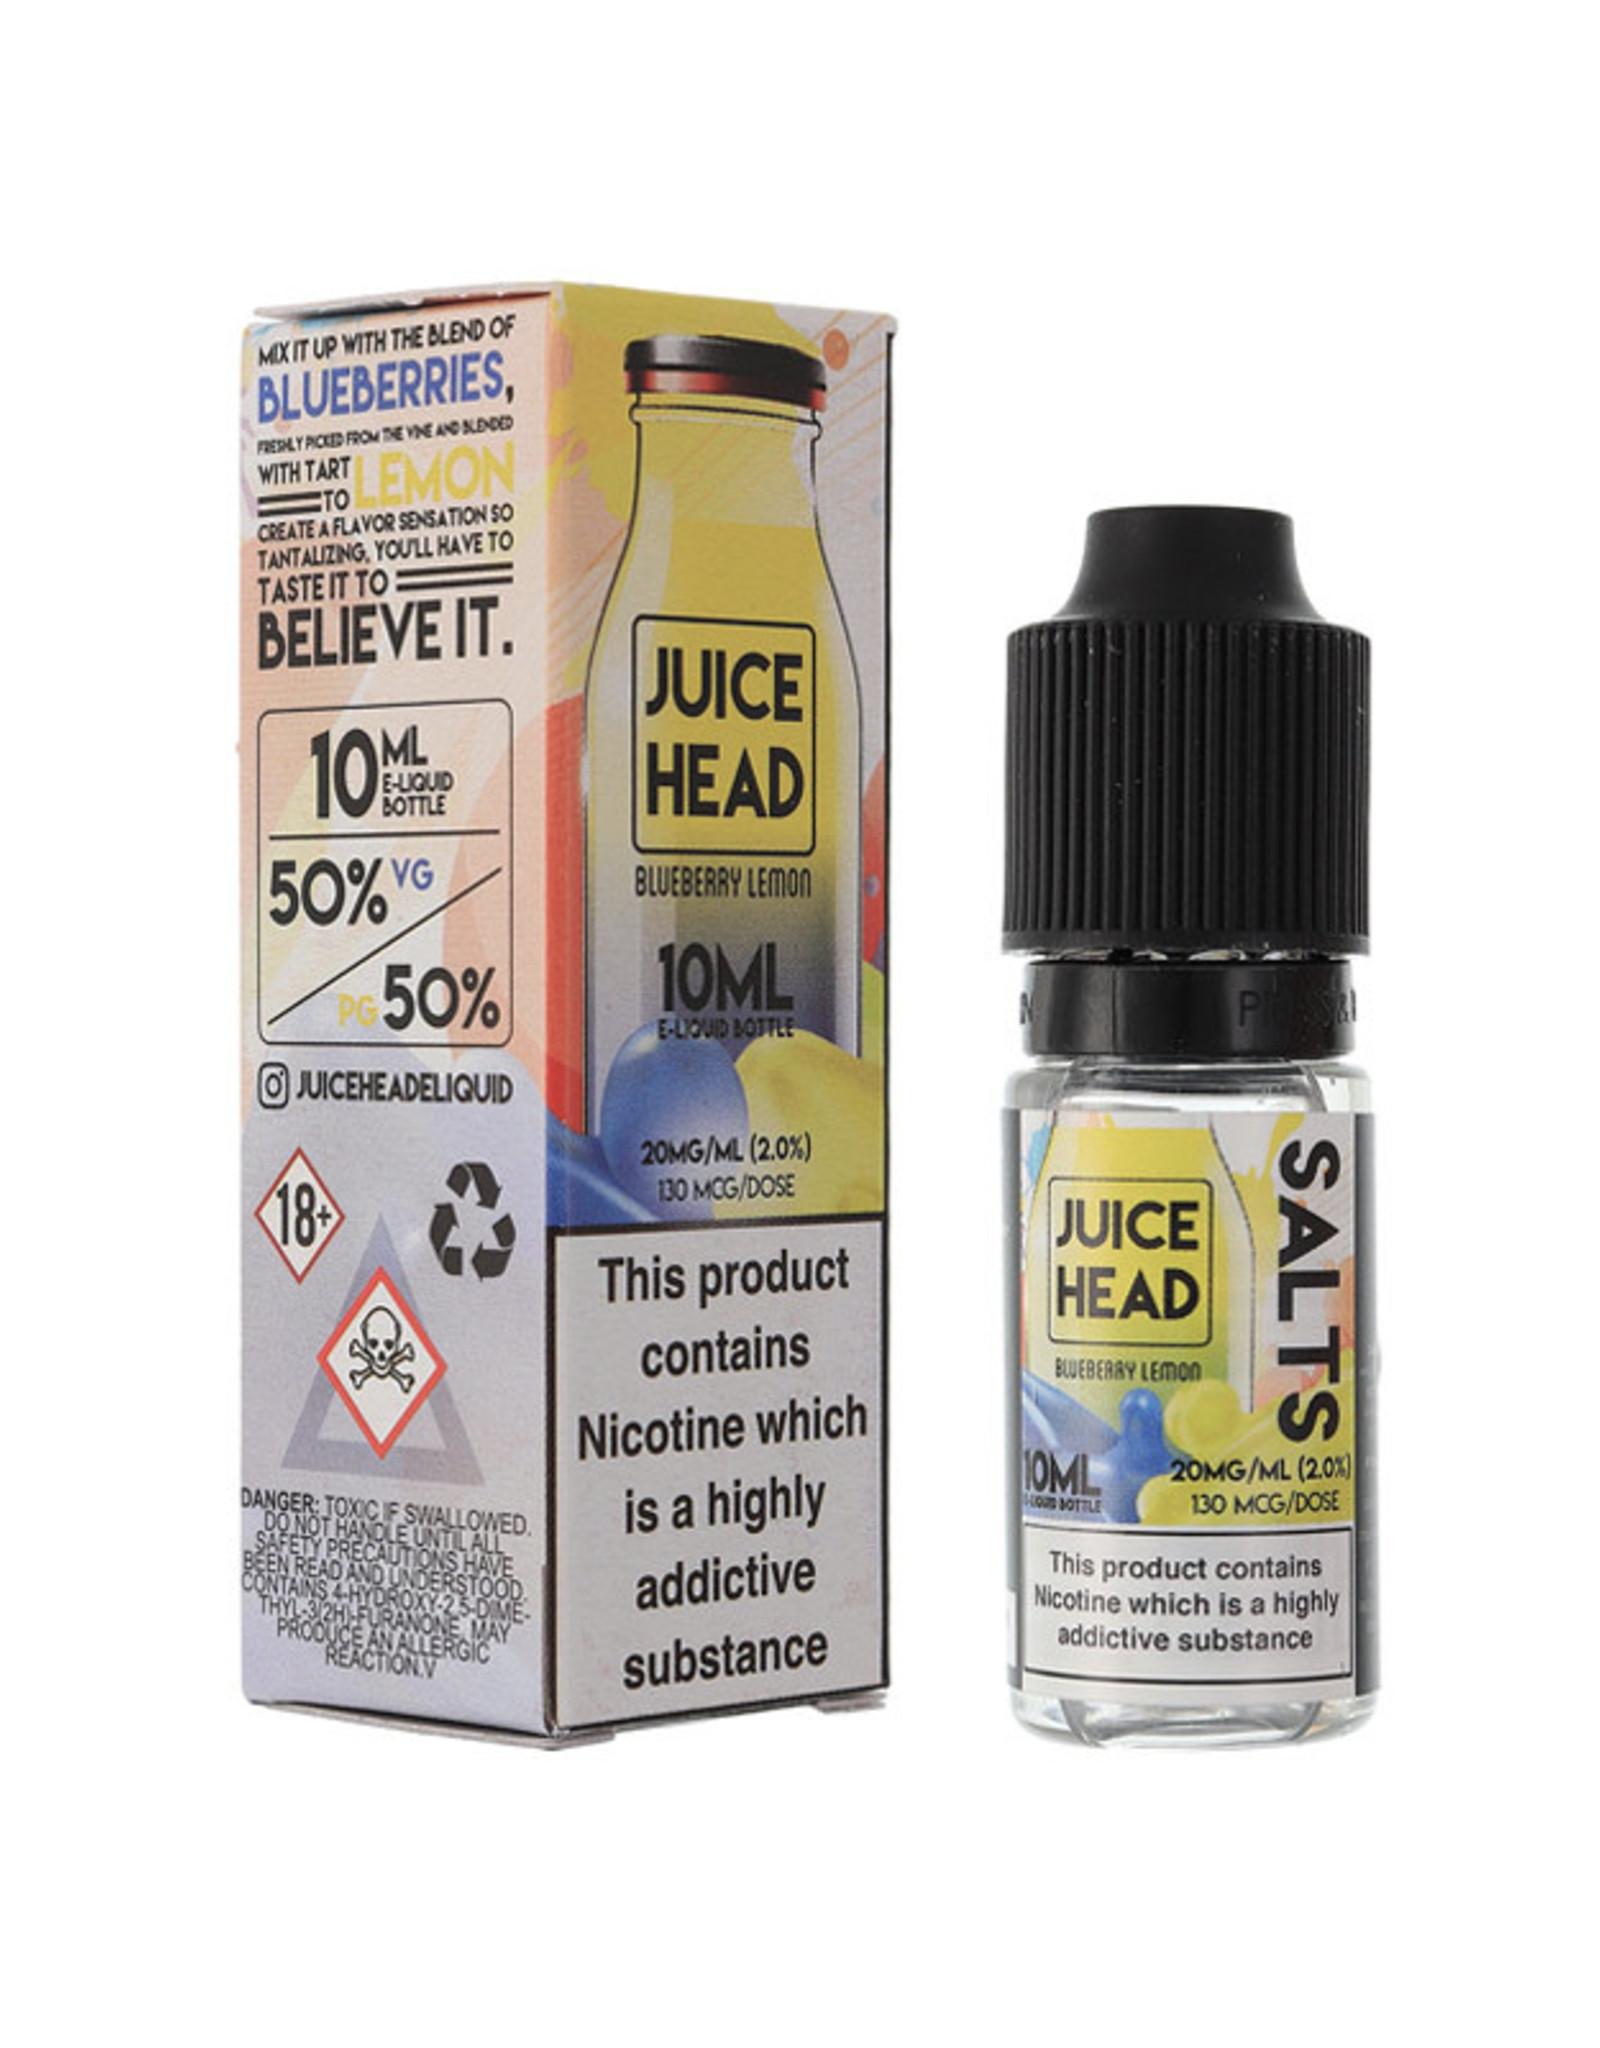 Juice Head Juice Head - Blueberry Lemon 10ml 20mg